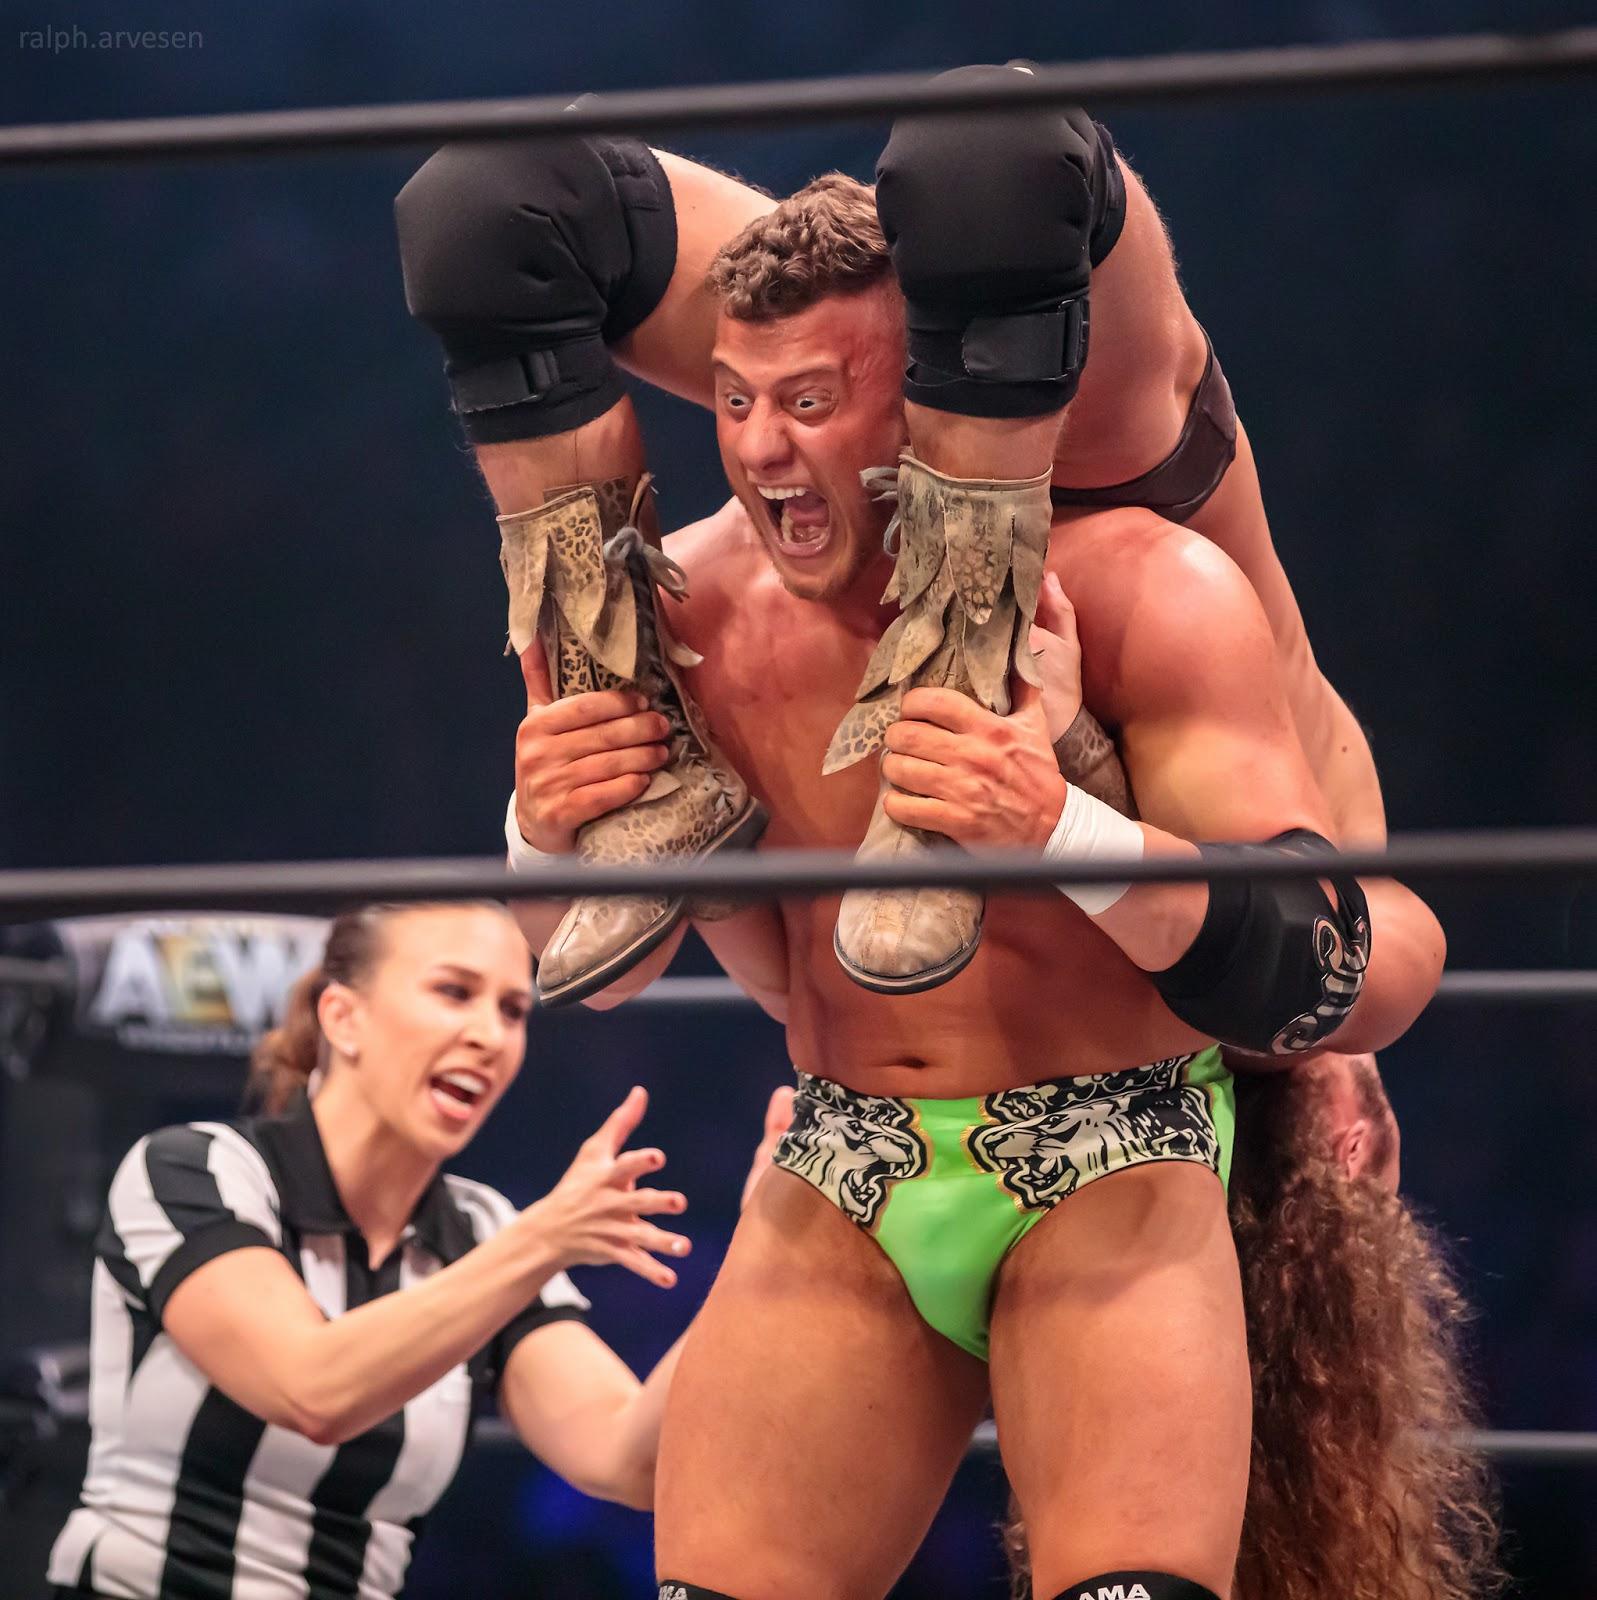 All Elite Wrestling | Texas Review | Ralph Arvesen